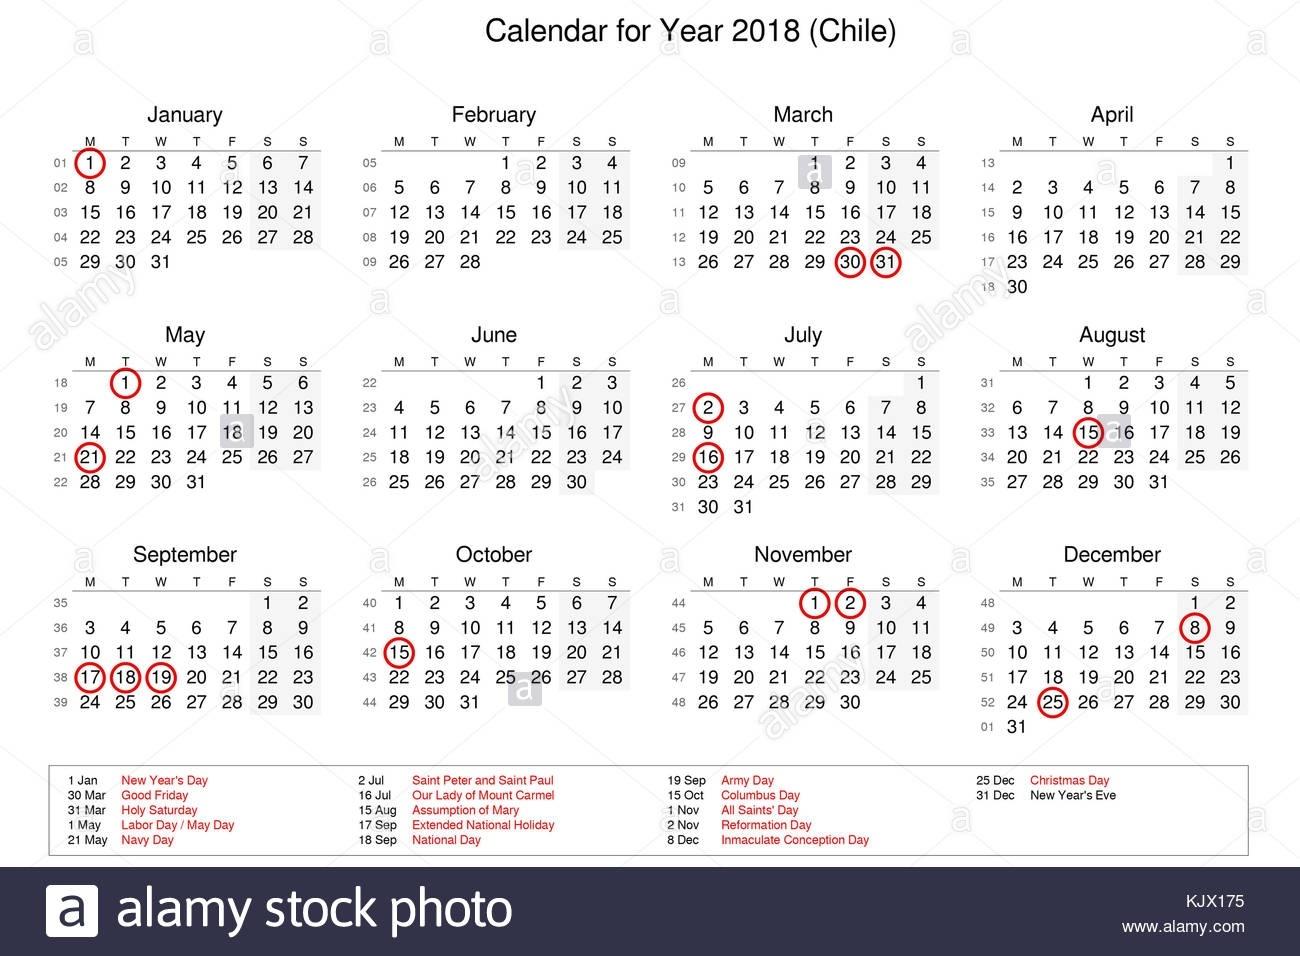 Calendario Del Año 2018 Con Los Feriados Y Días Festivos Para Chile  Calendarios 17 Feriados En Chile